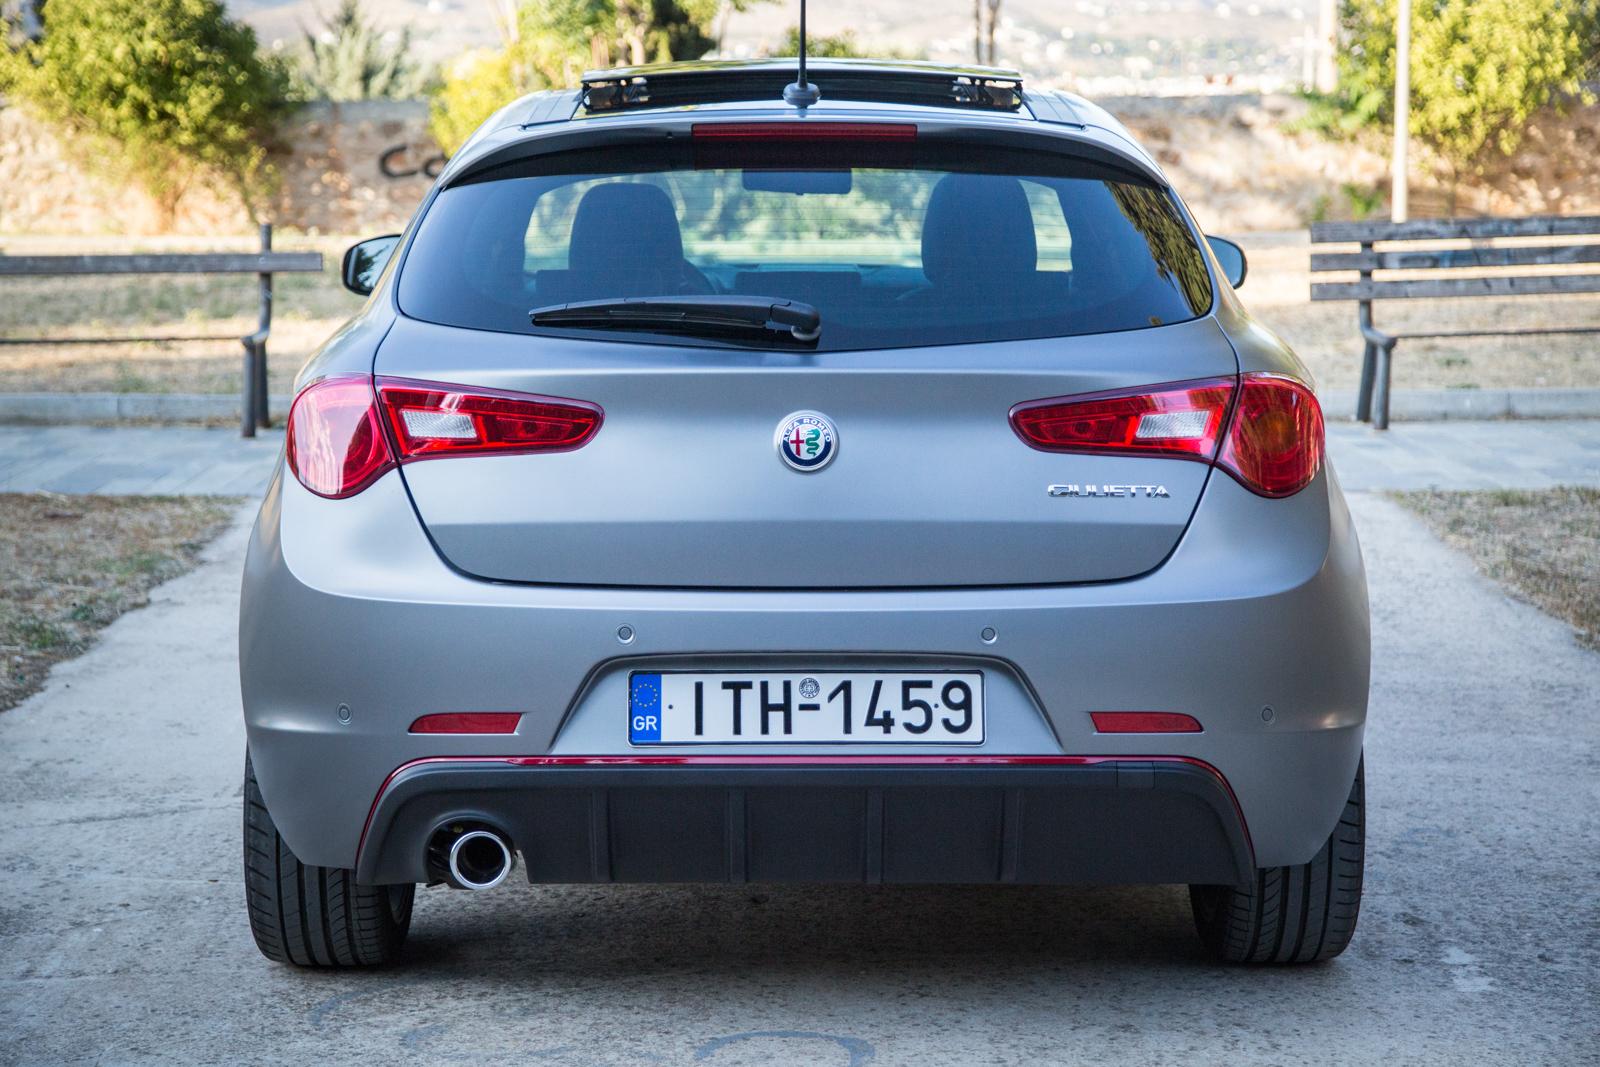 Test_Drive_Alfa_Romeo_Giulietta_TCT_1.6_JTDM-2_09